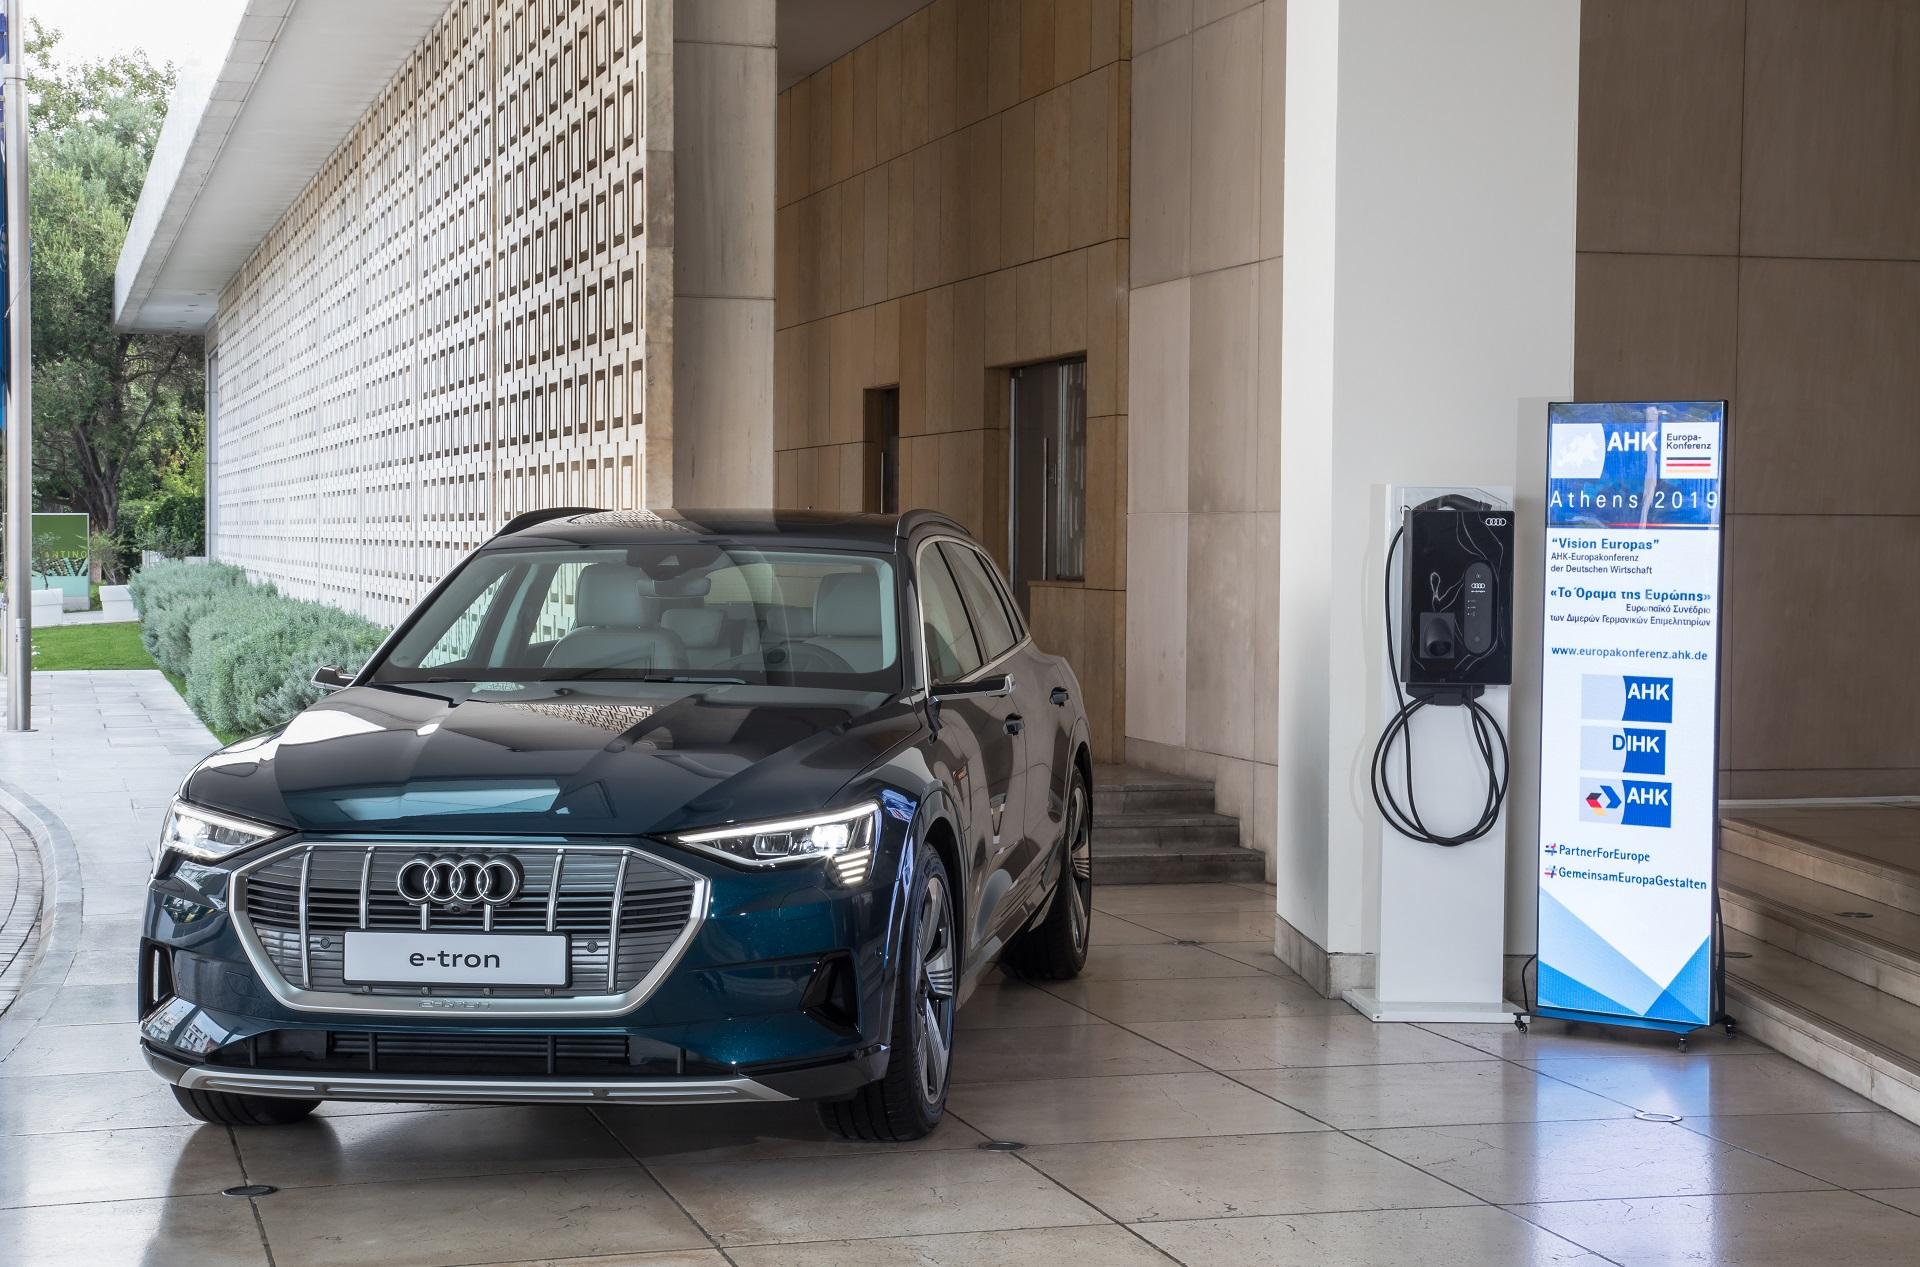 Η Audi χορηγός σε ευρωπαϊκό συνέδριο στην Αθήνα